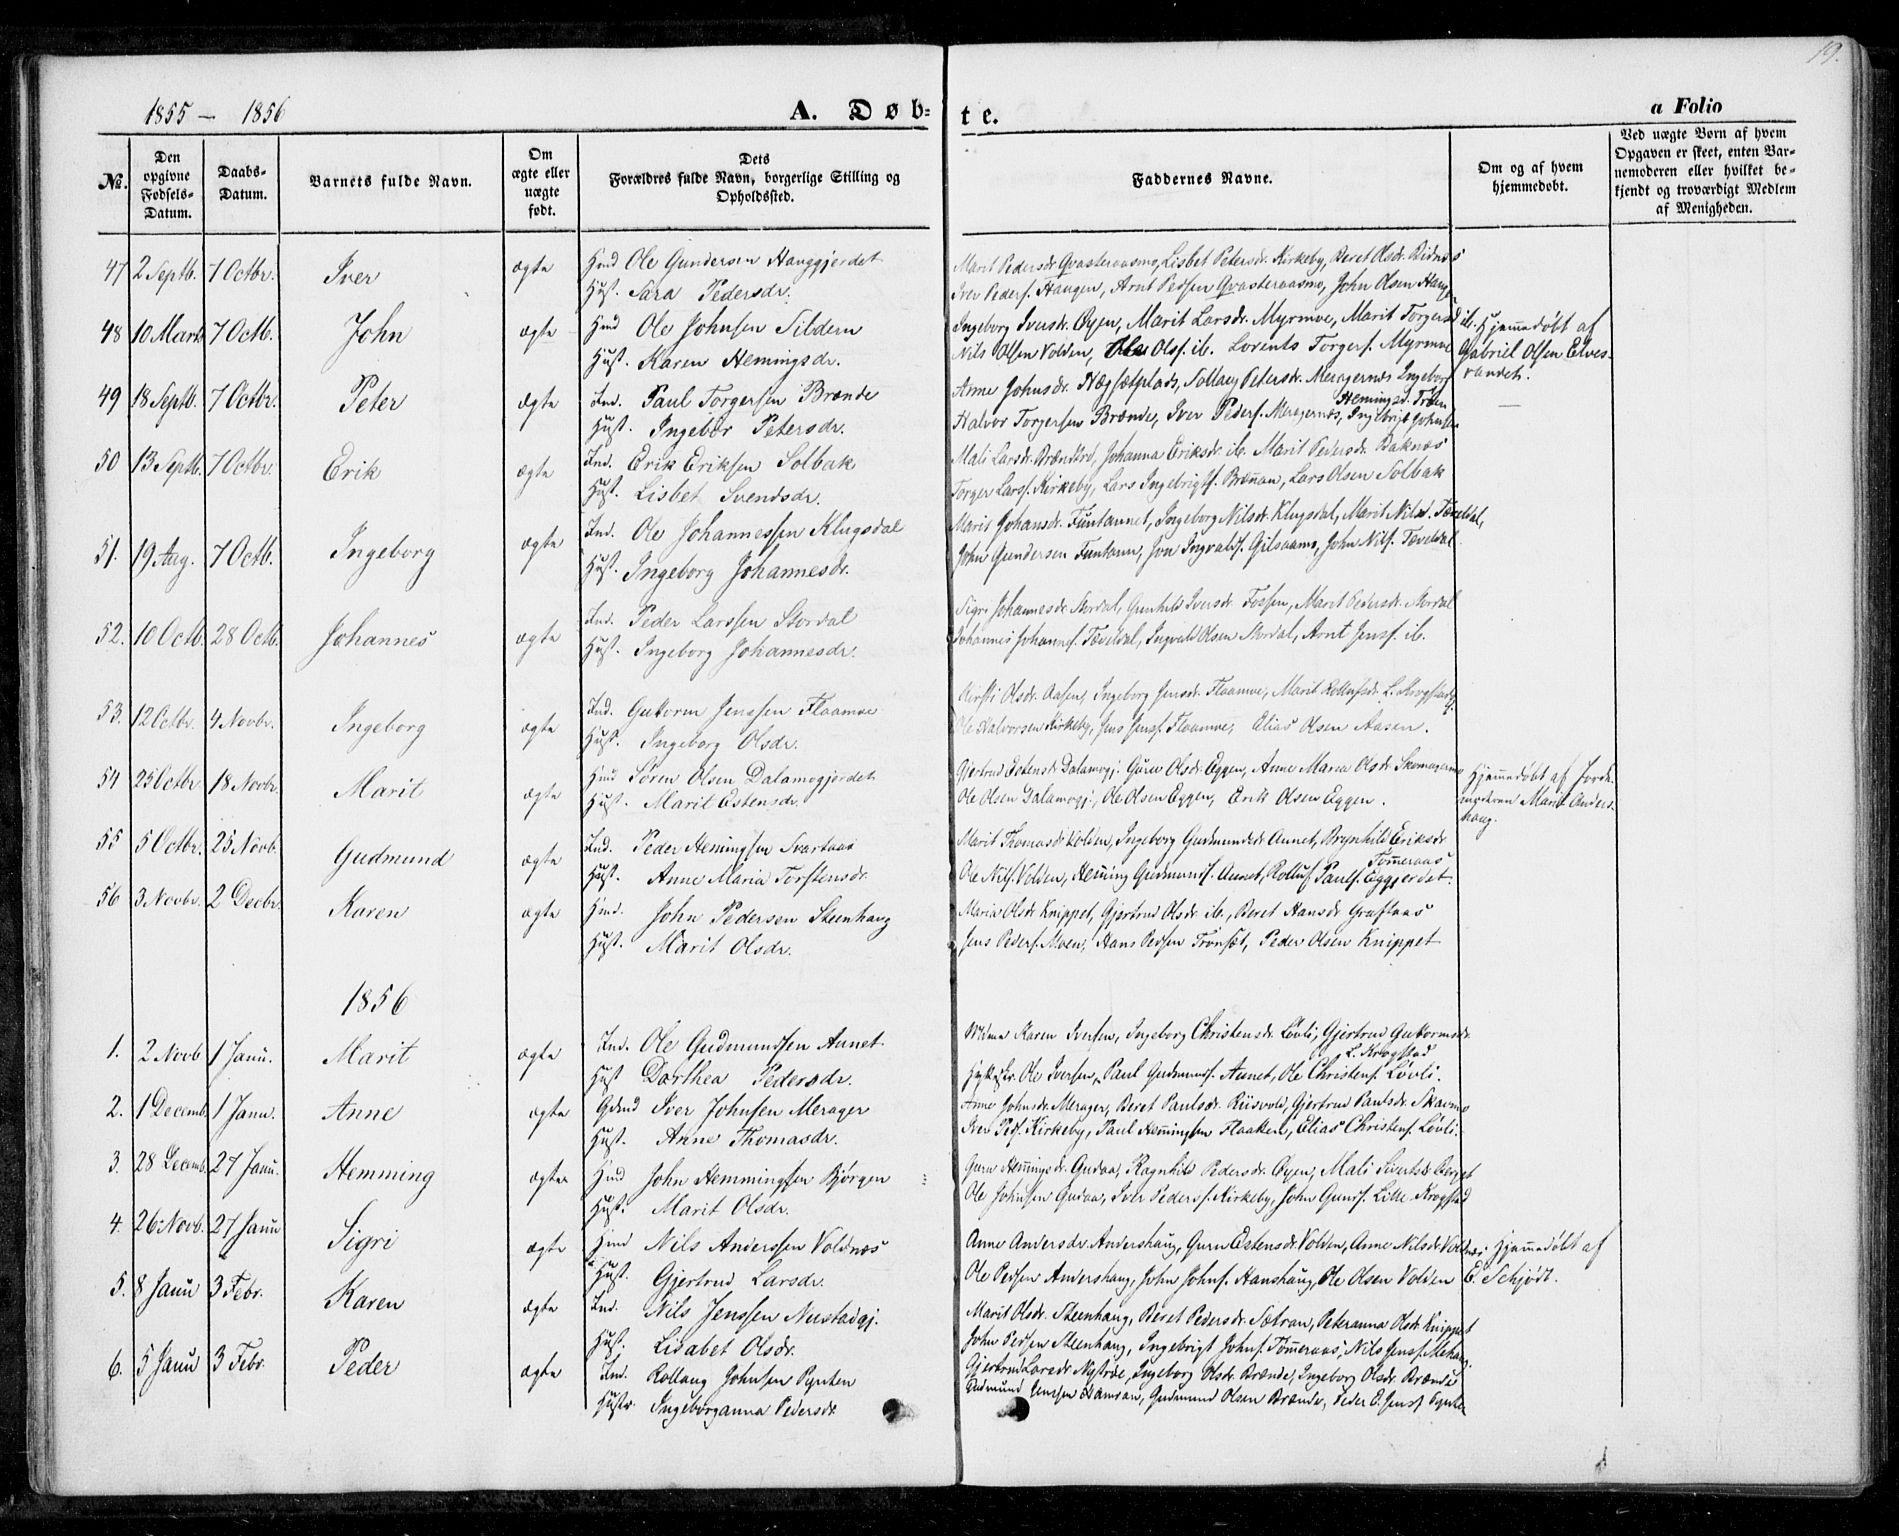 SAT, Ministerialprotokoller, klokkerbøker og fødselsregistre - Nord-Trøndelag, 706/L0040: Ministerialbok nr. 706A01, 1850-1861, s. 19